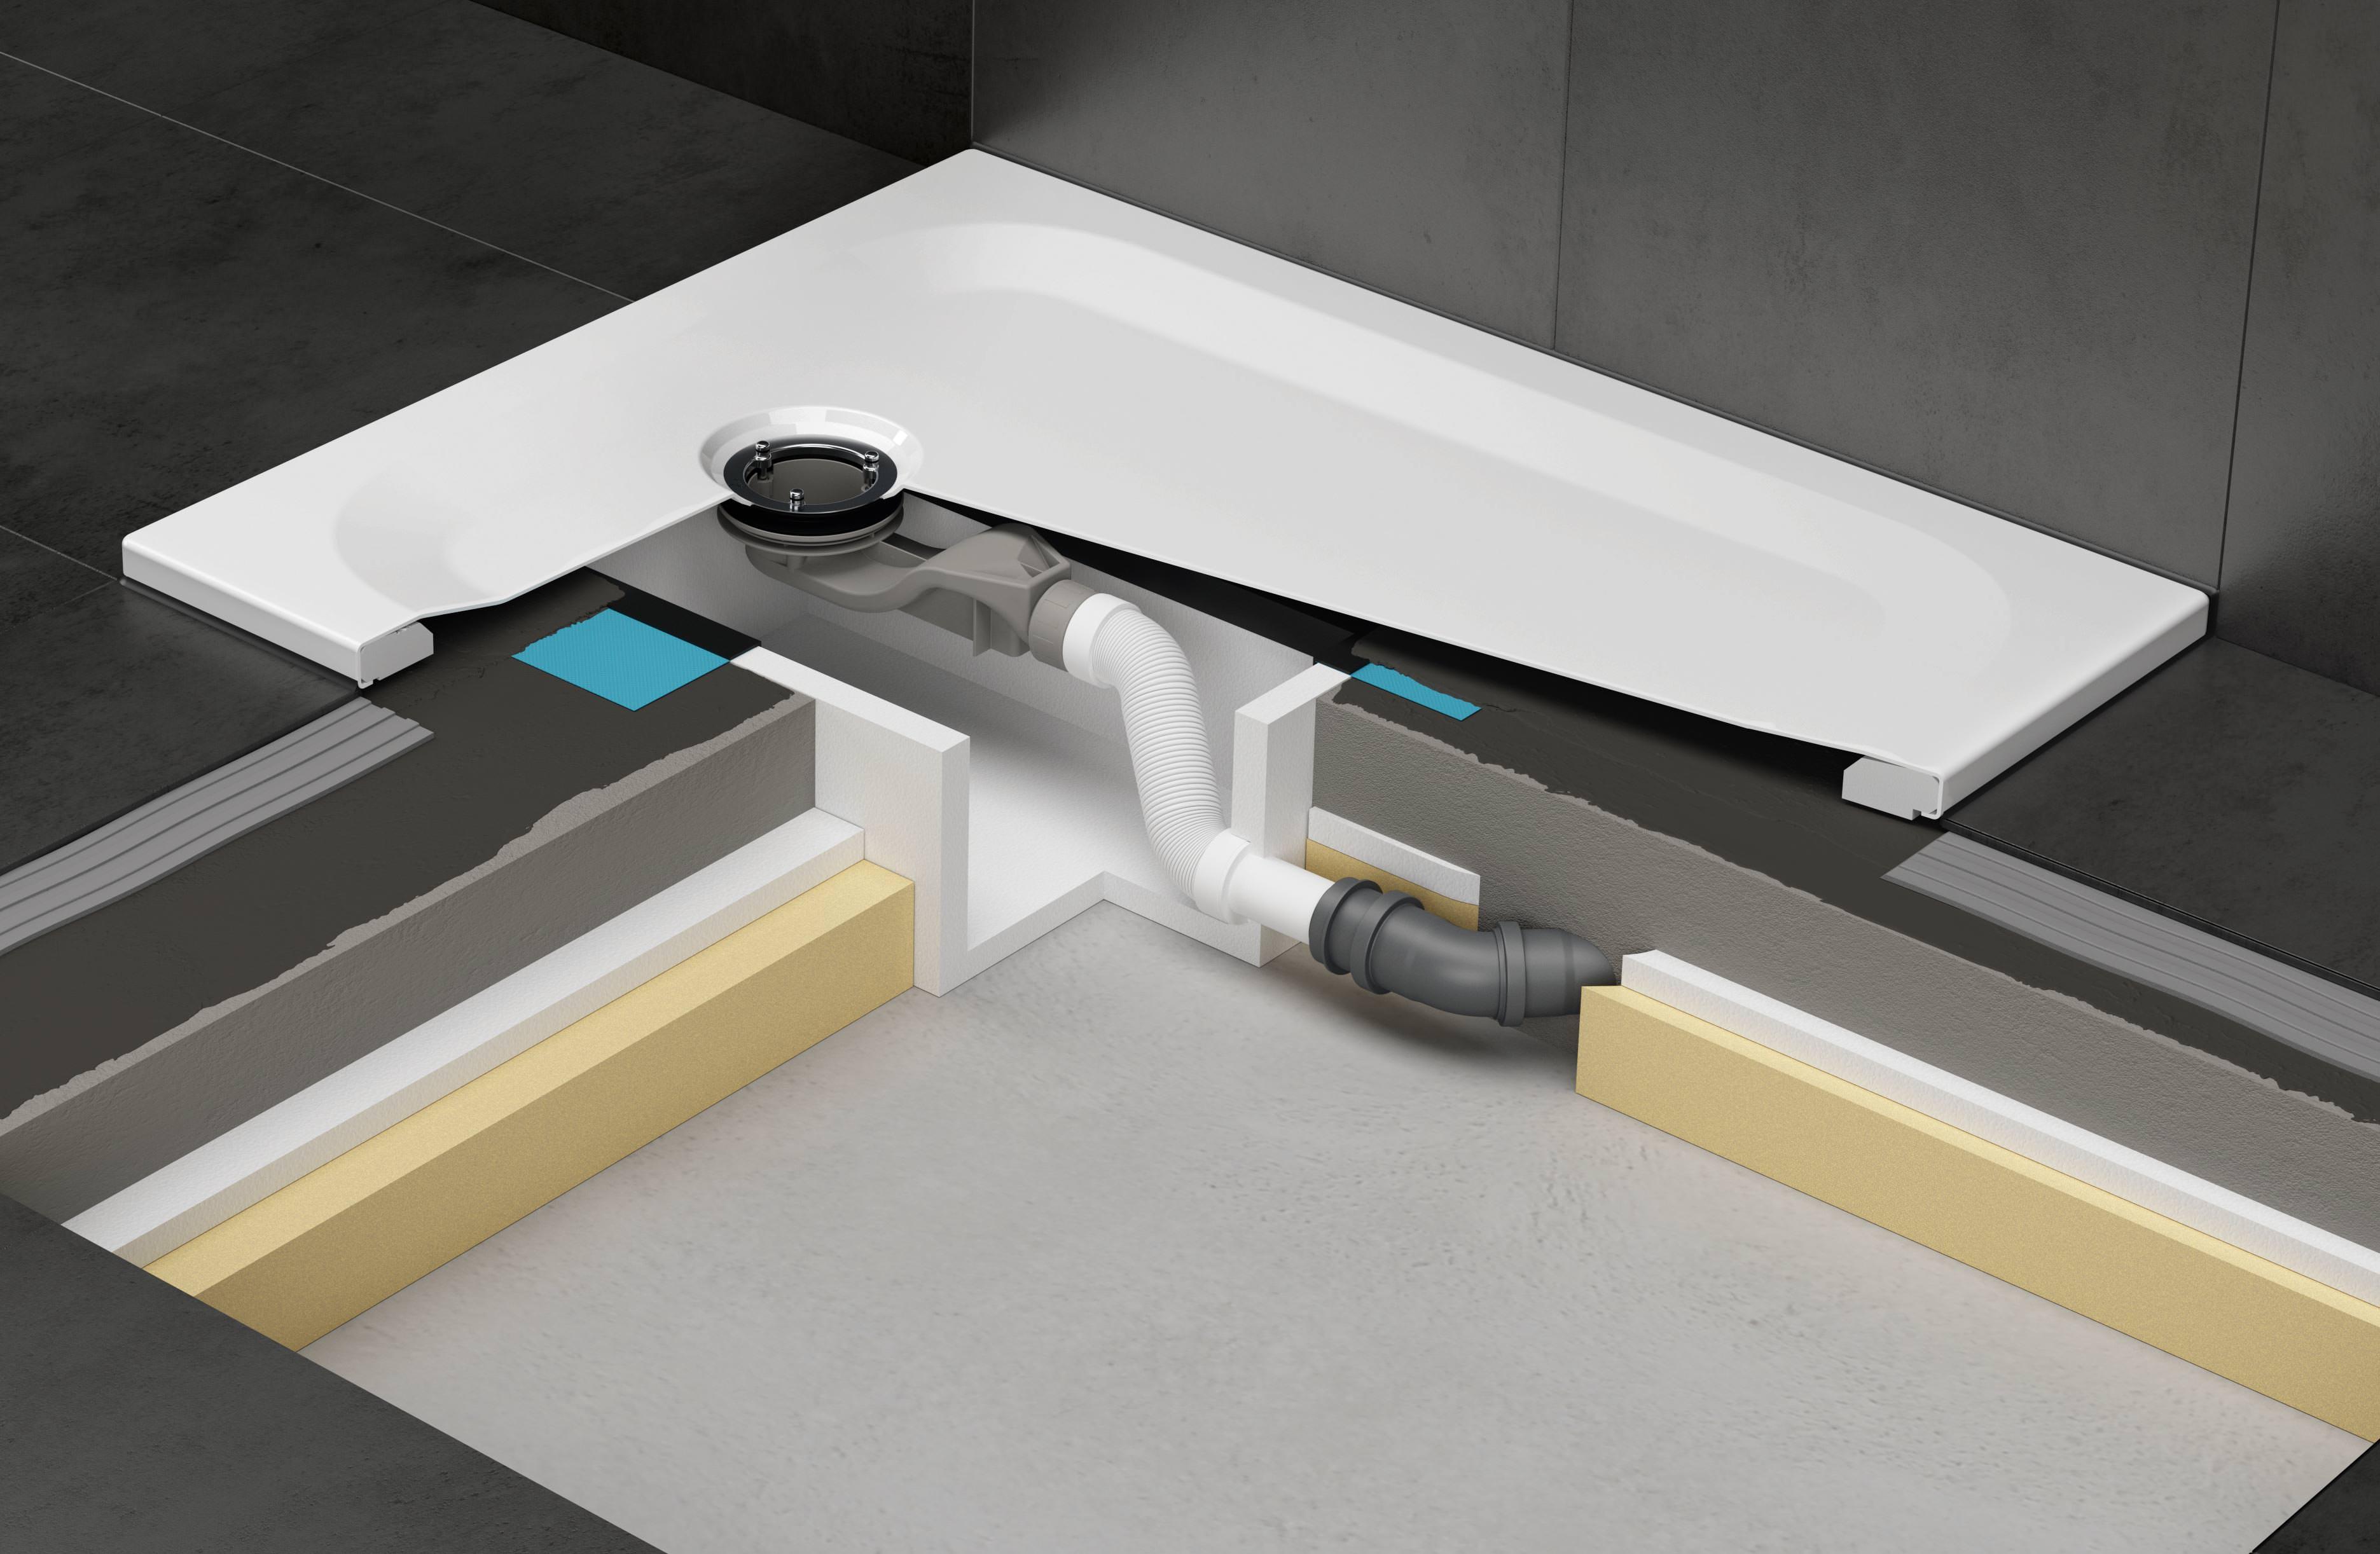 Neue Installationsbox von Bette erleichtert Montage und ...